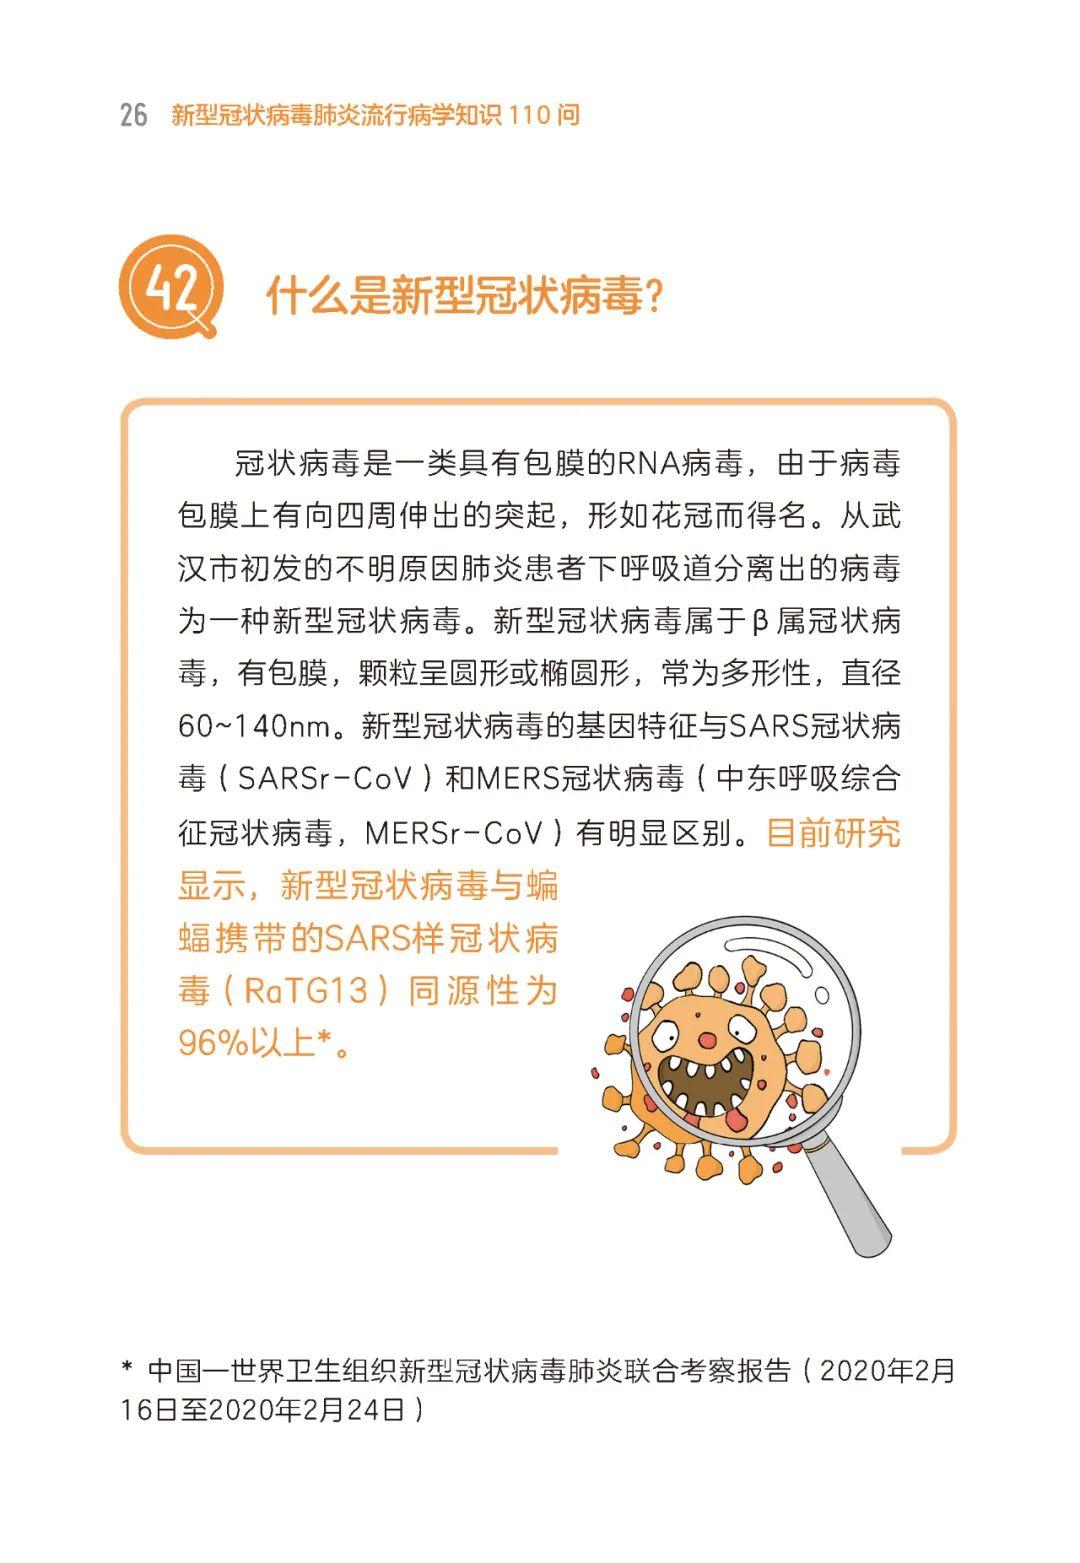 新冠病毒肺炎知识一文读懂,你想了解的都在这了